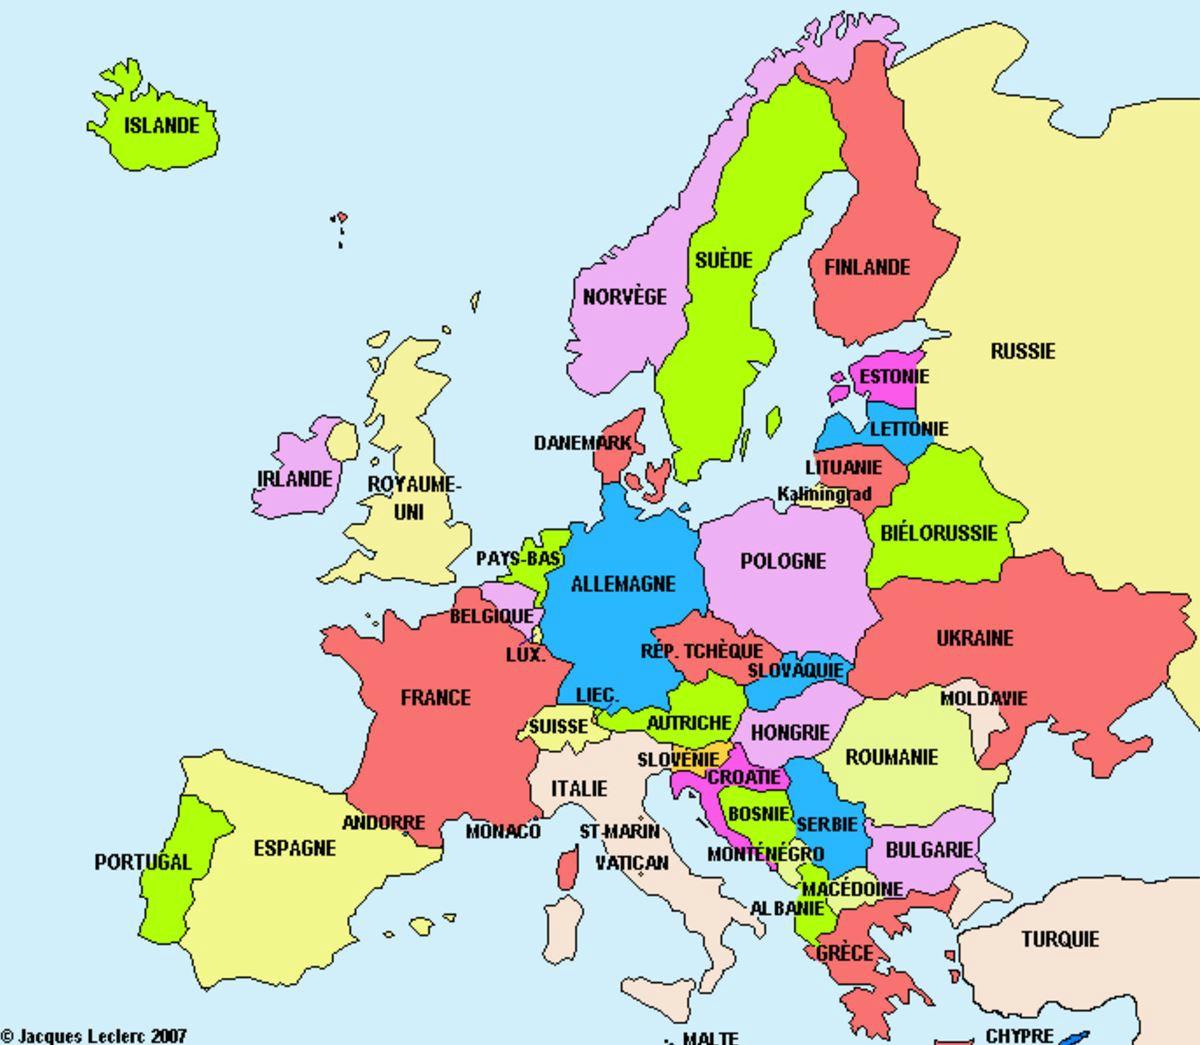 La Carte D'europe Et Ses Pays + Activités - Le Blog Du Cours concernant Carte D Europe En Francais